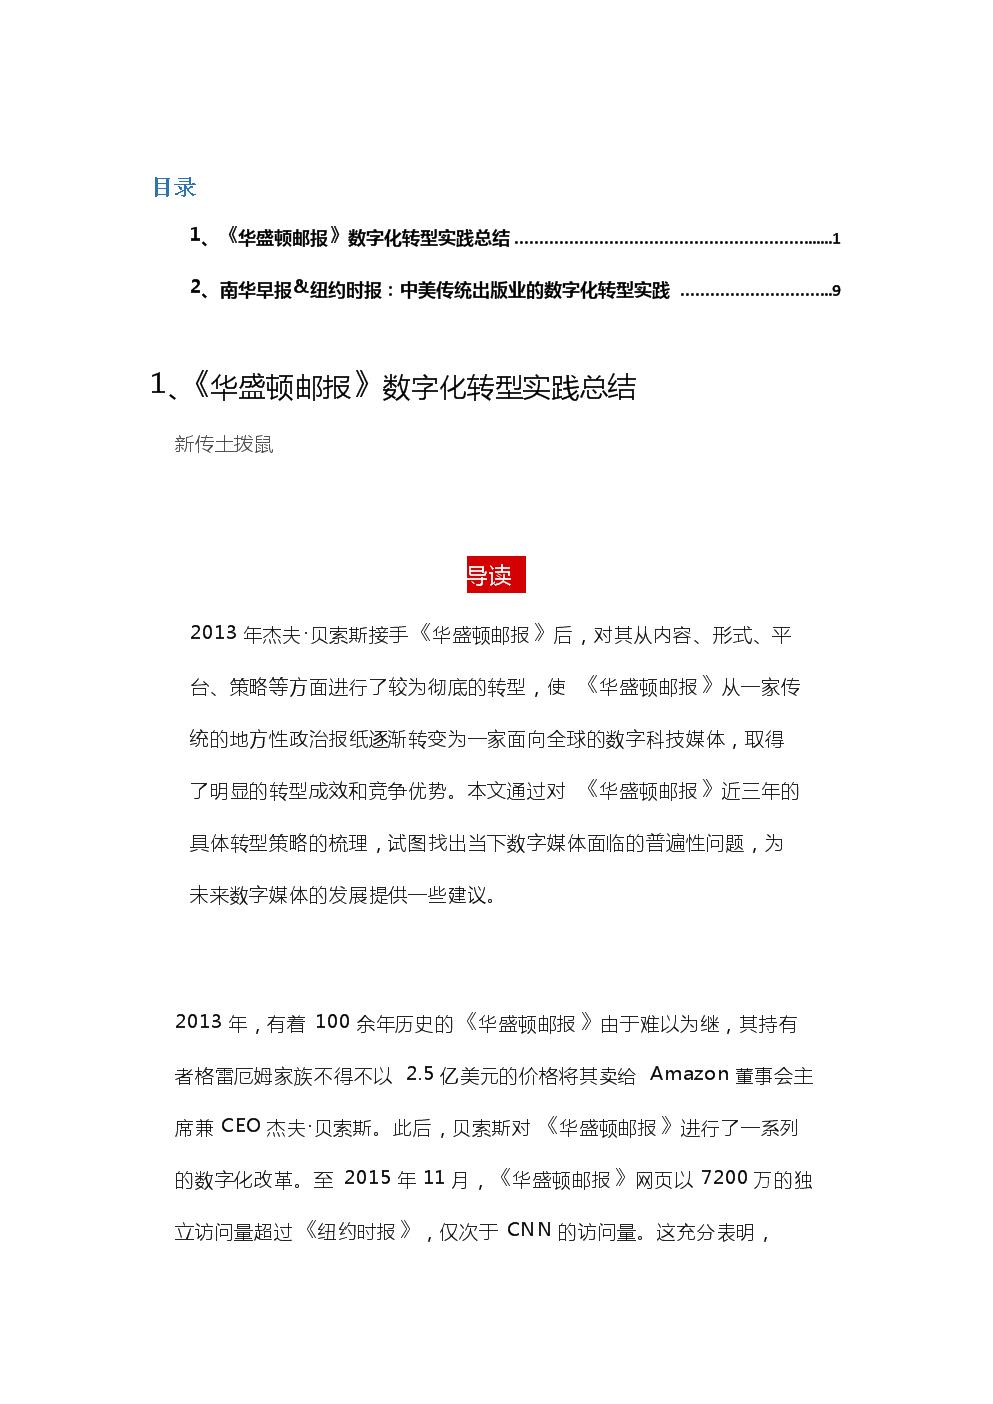 出版传媒行业数字化转型案例.docx